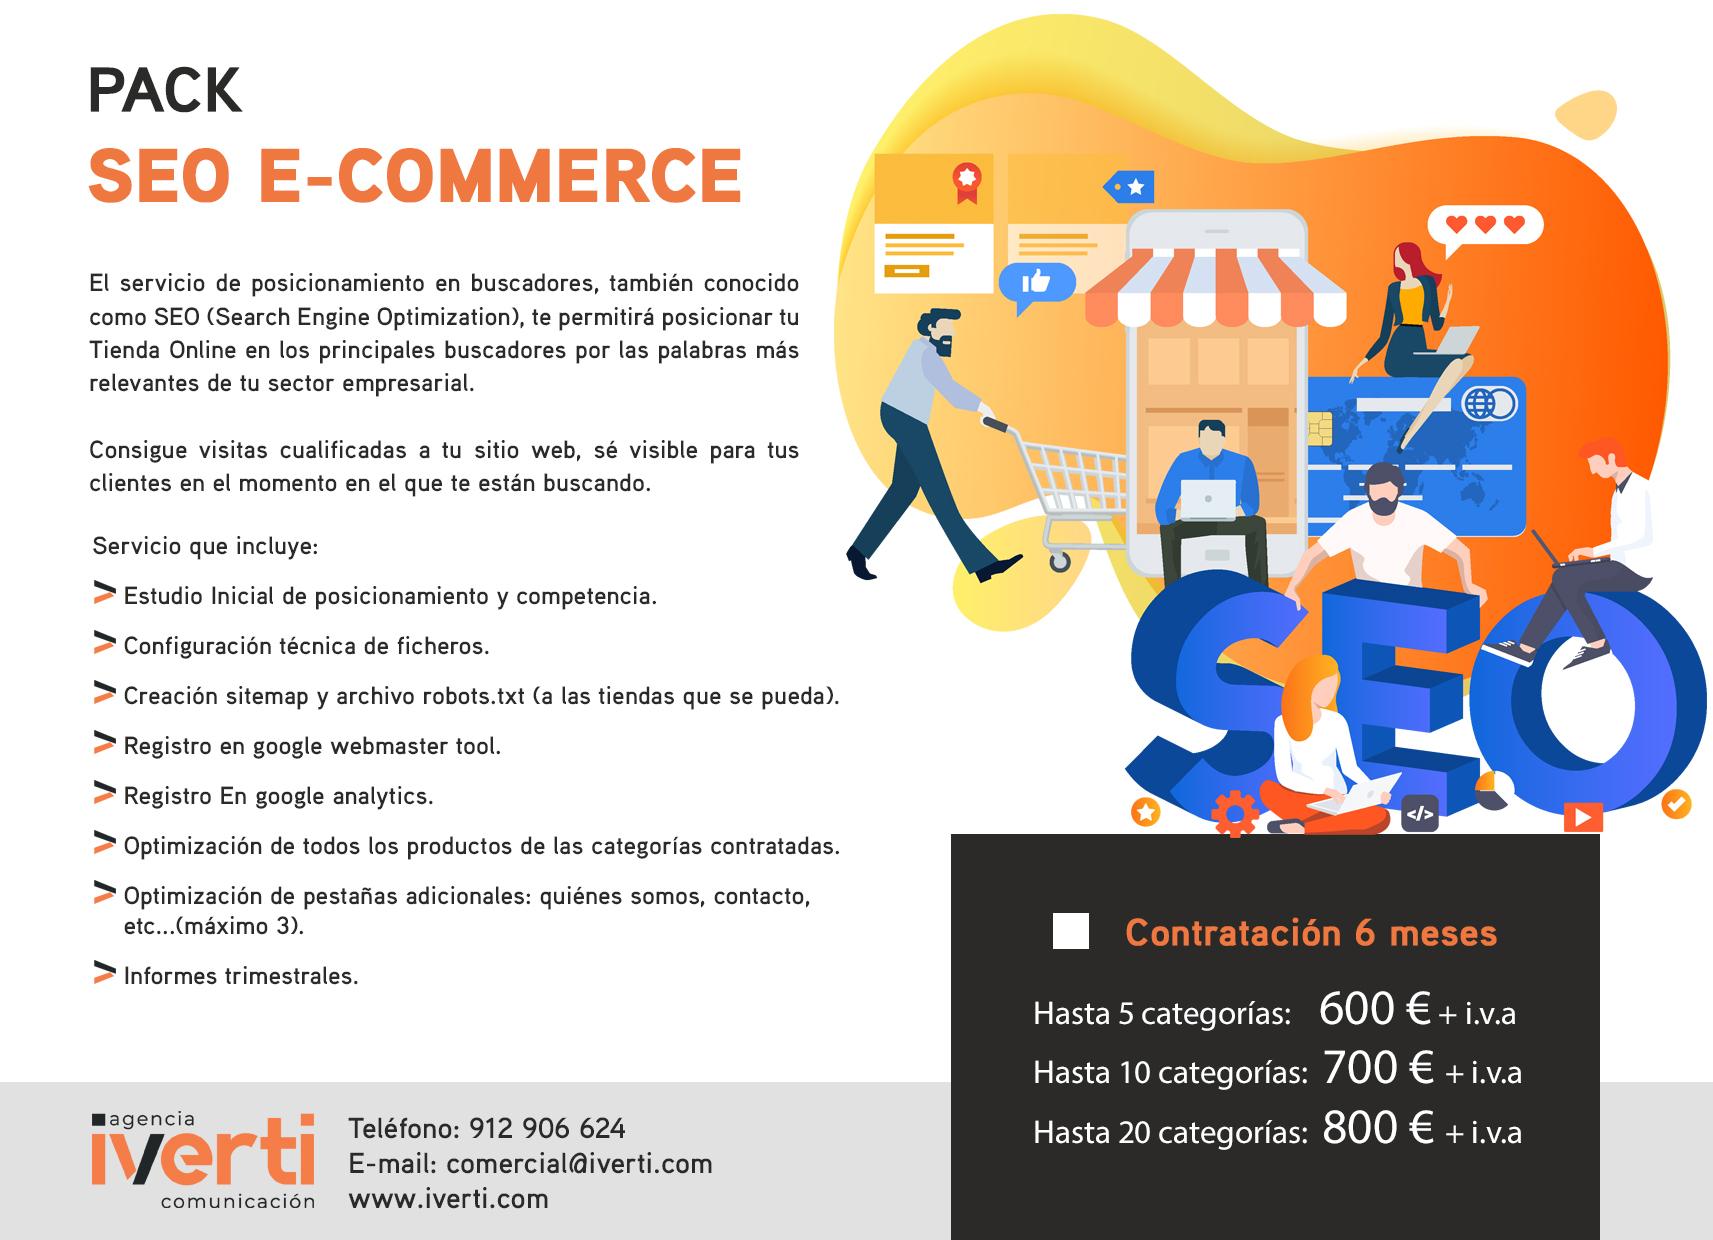 Pack Seo Ecommerce